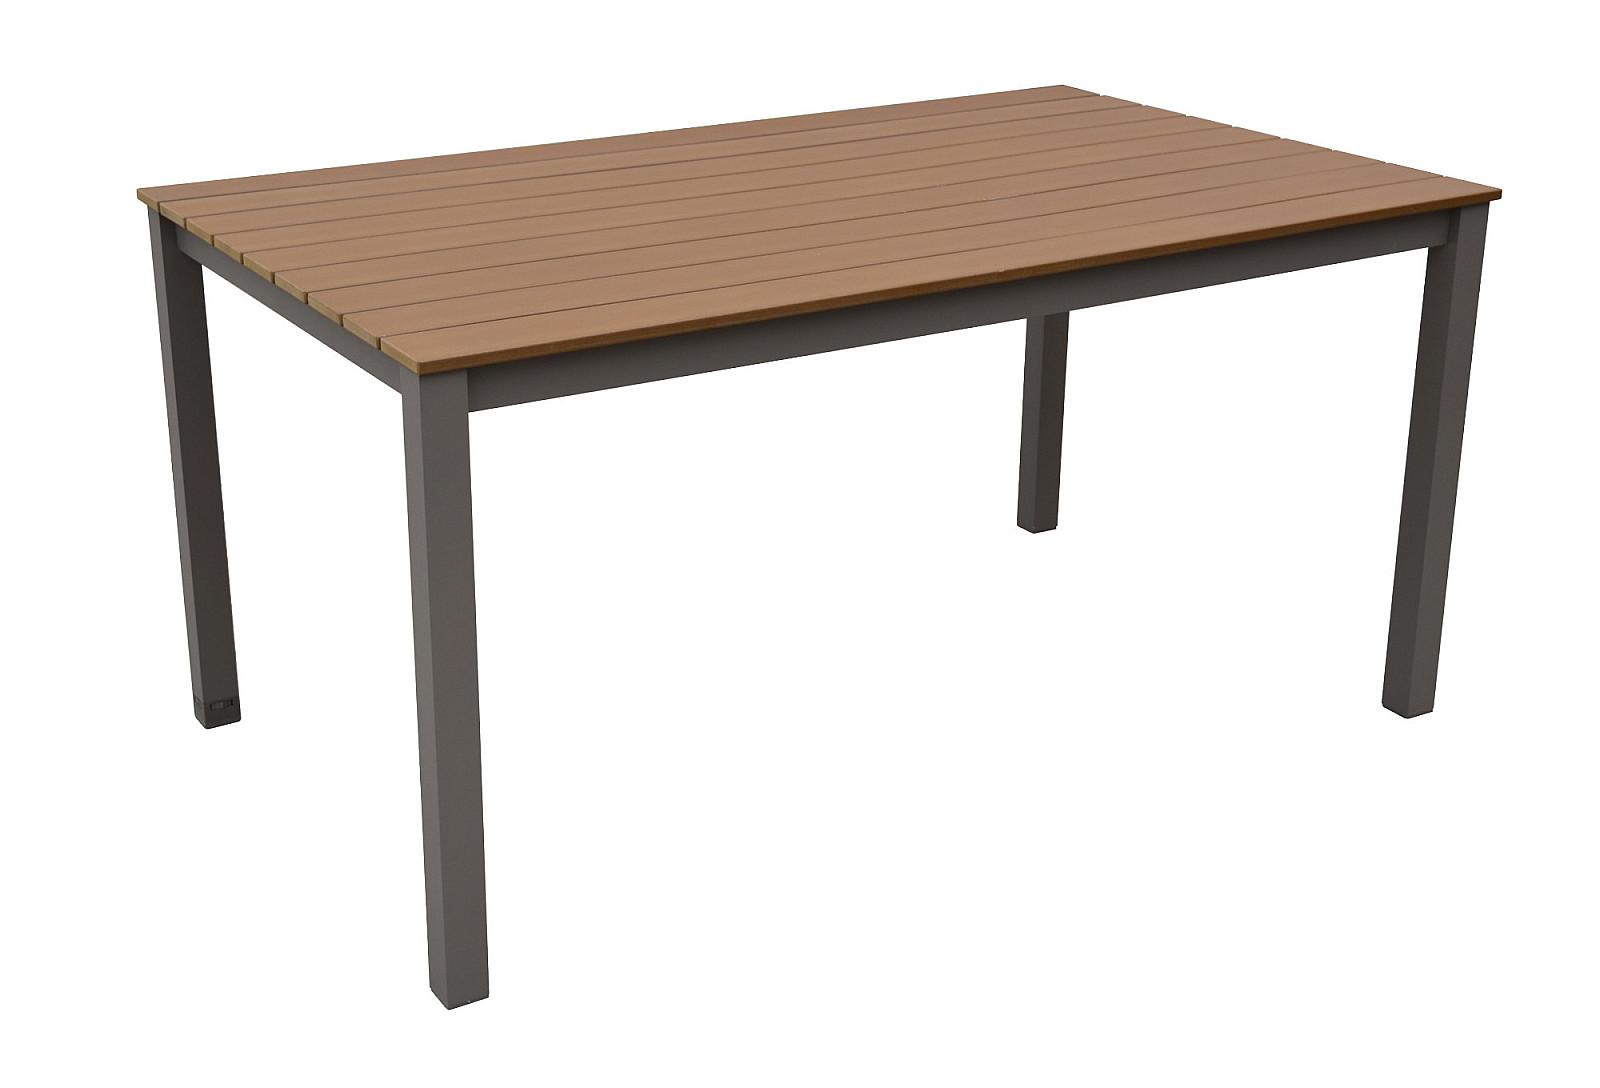 VÝPREDAJ Záhradný ratanový stôl CALVIN 150x90 cm (hnedá)